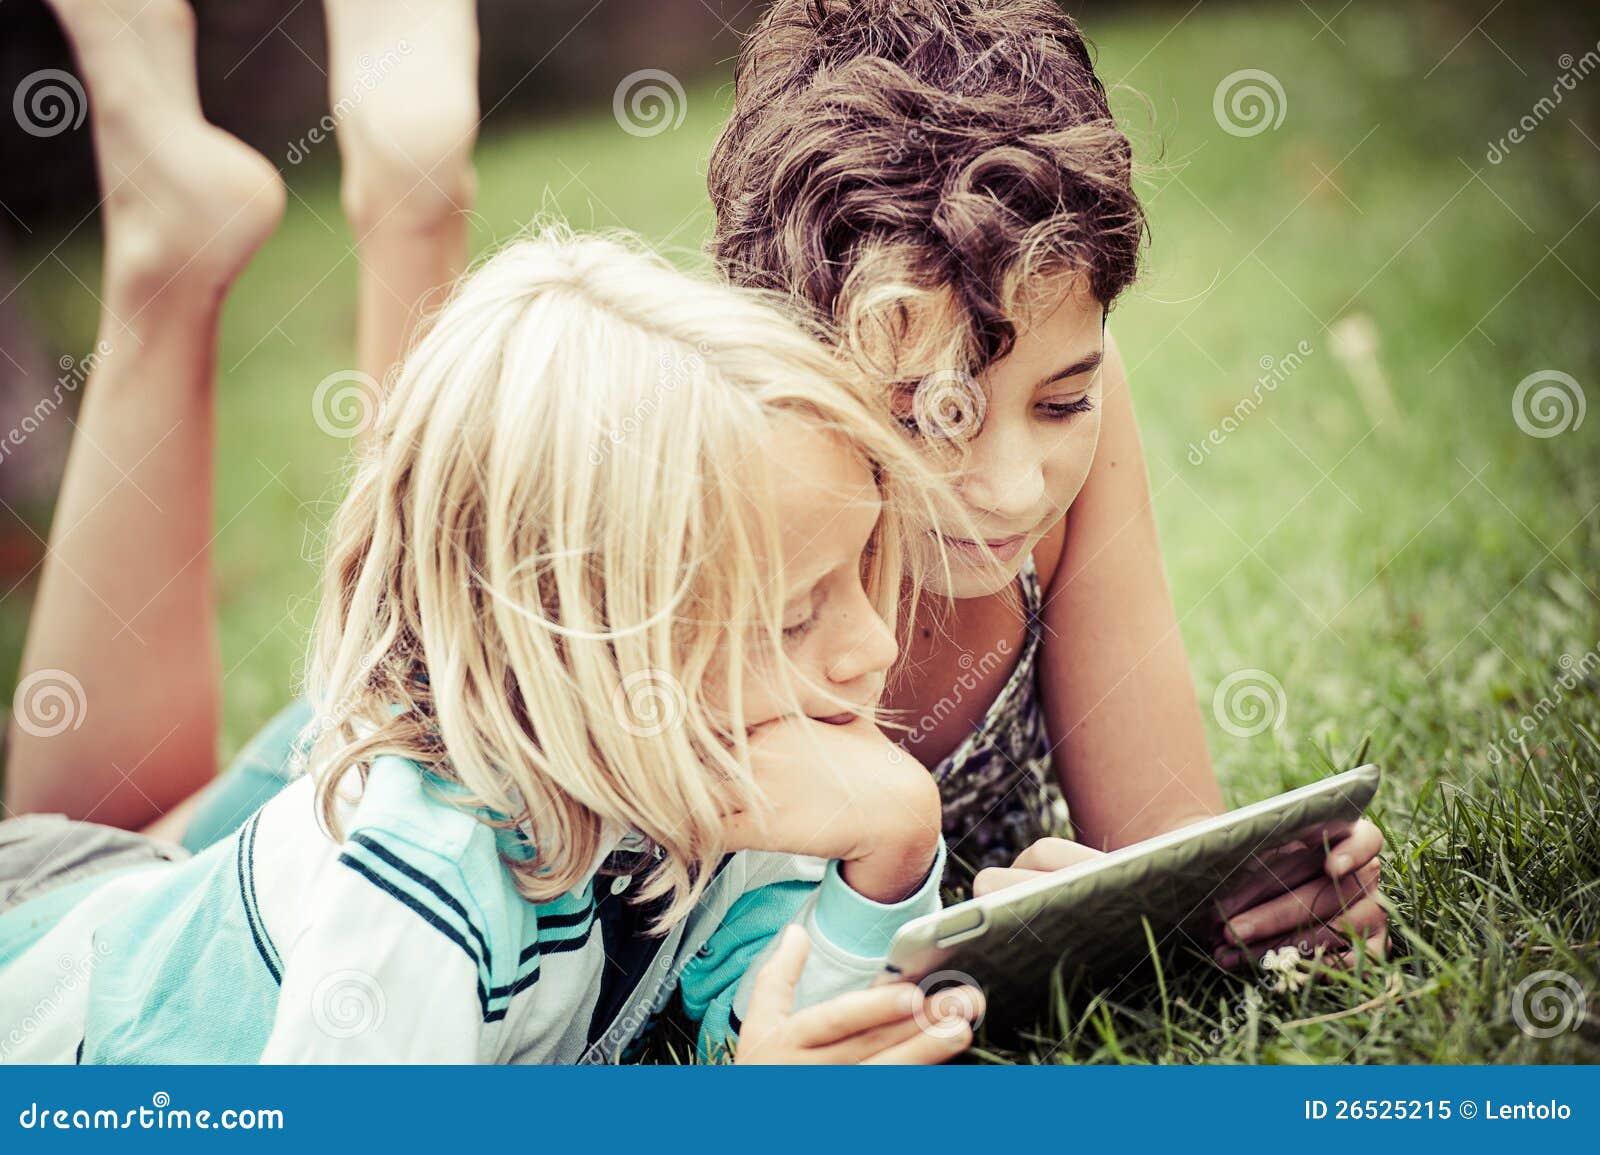 Kinder, die auf dem Gras schaut auf der Tablette liegen